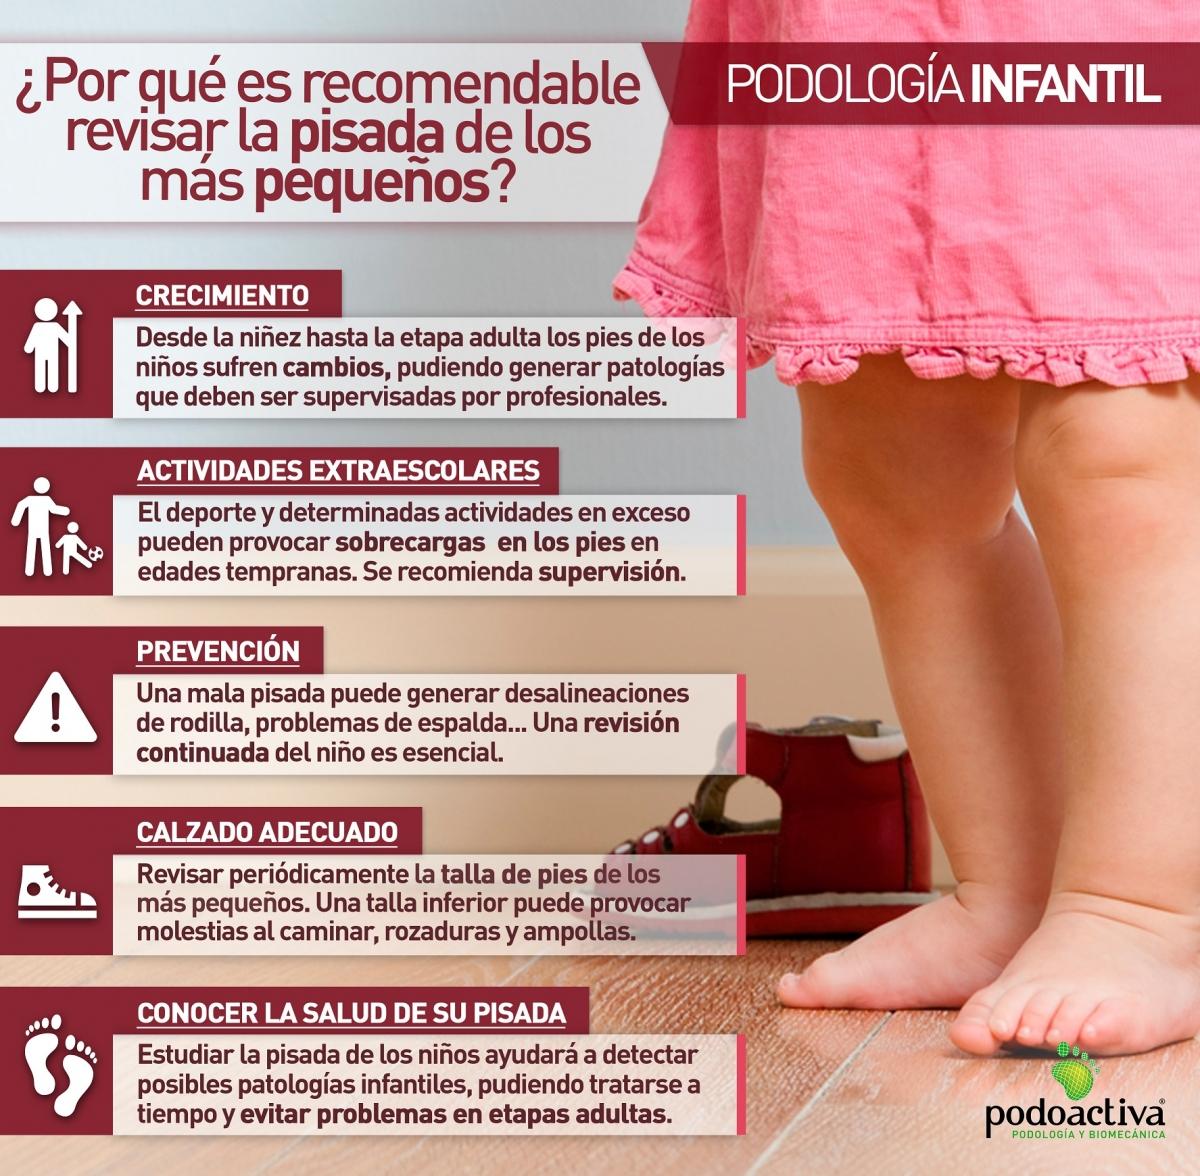 infografia_revisar_pies_ninos